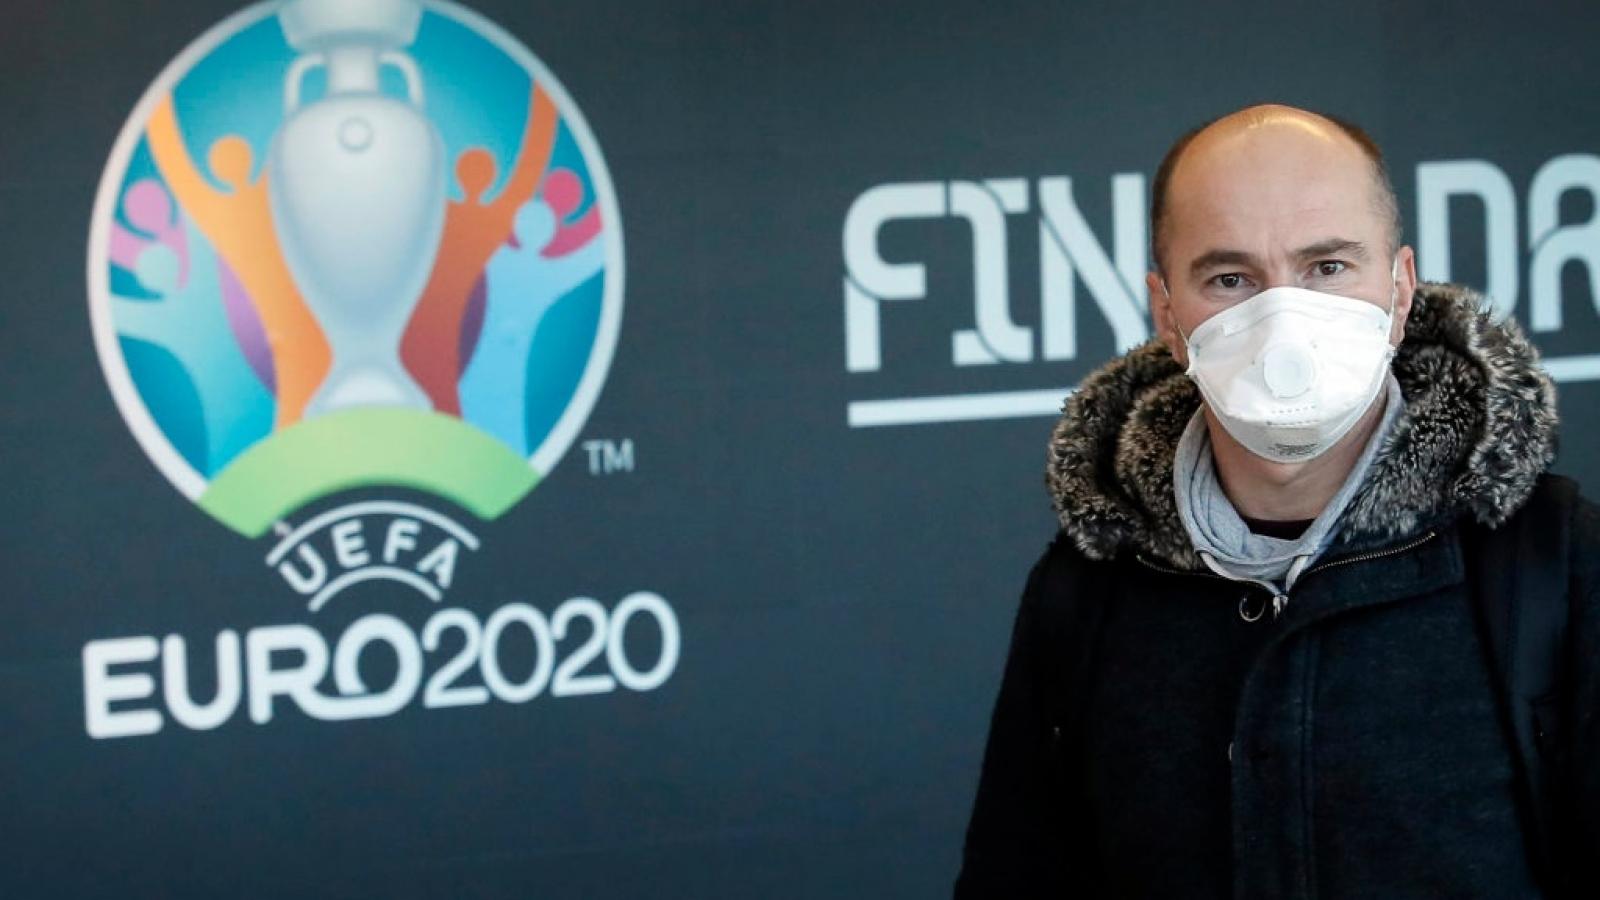 Anh đẩy mạnh biện pháp ngừa Covid-19 trước trận chung kết EURO 2020 với Italy